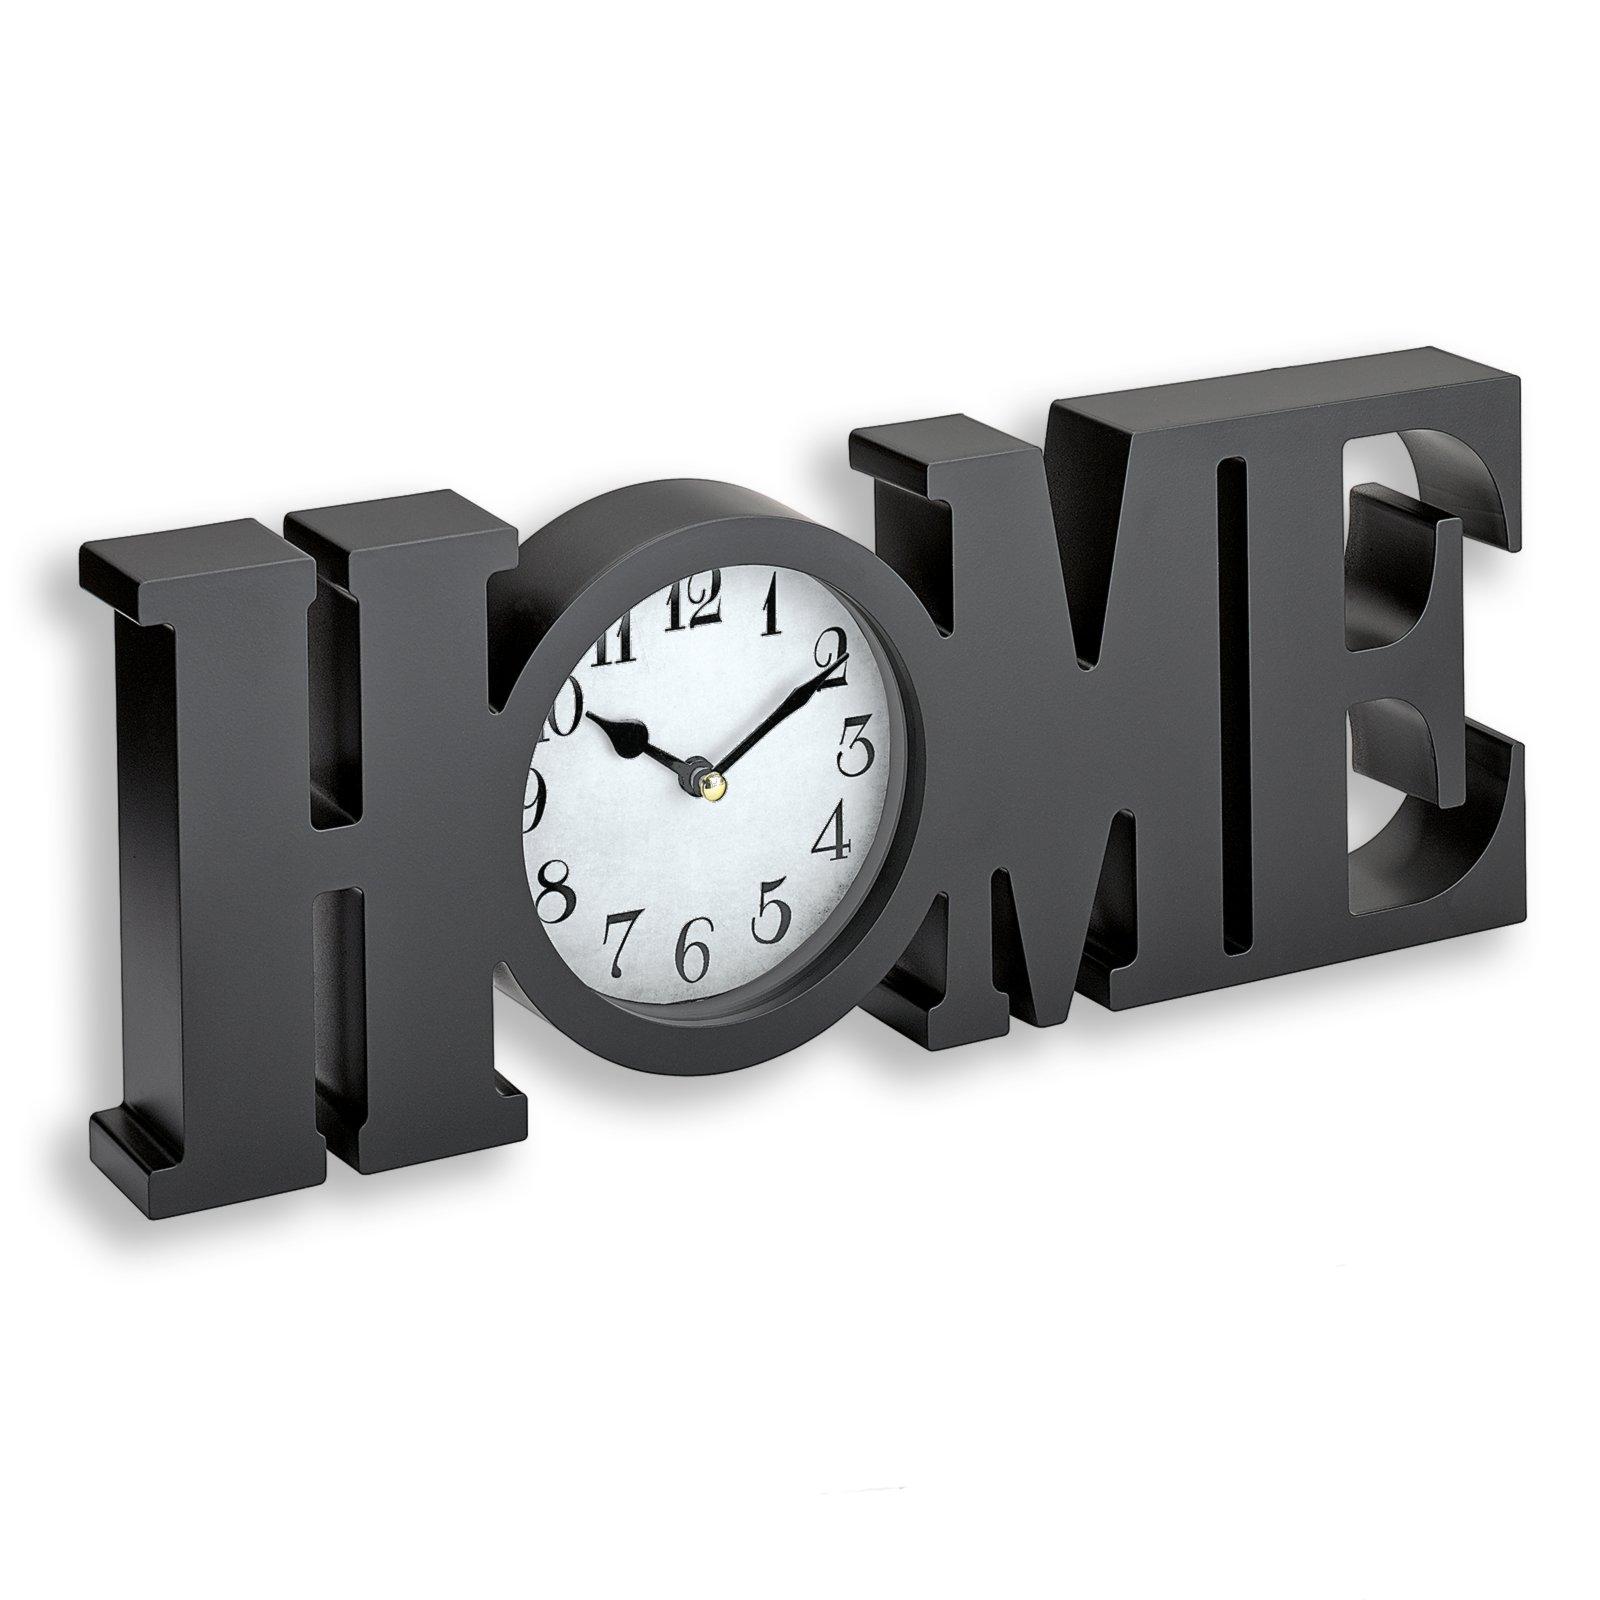 tischuhr home schwarz 39x14 cm tischuhren uhren deko haushalt roller m belhaus. Black Bedroom Furniture Sets. Home Design Ideas